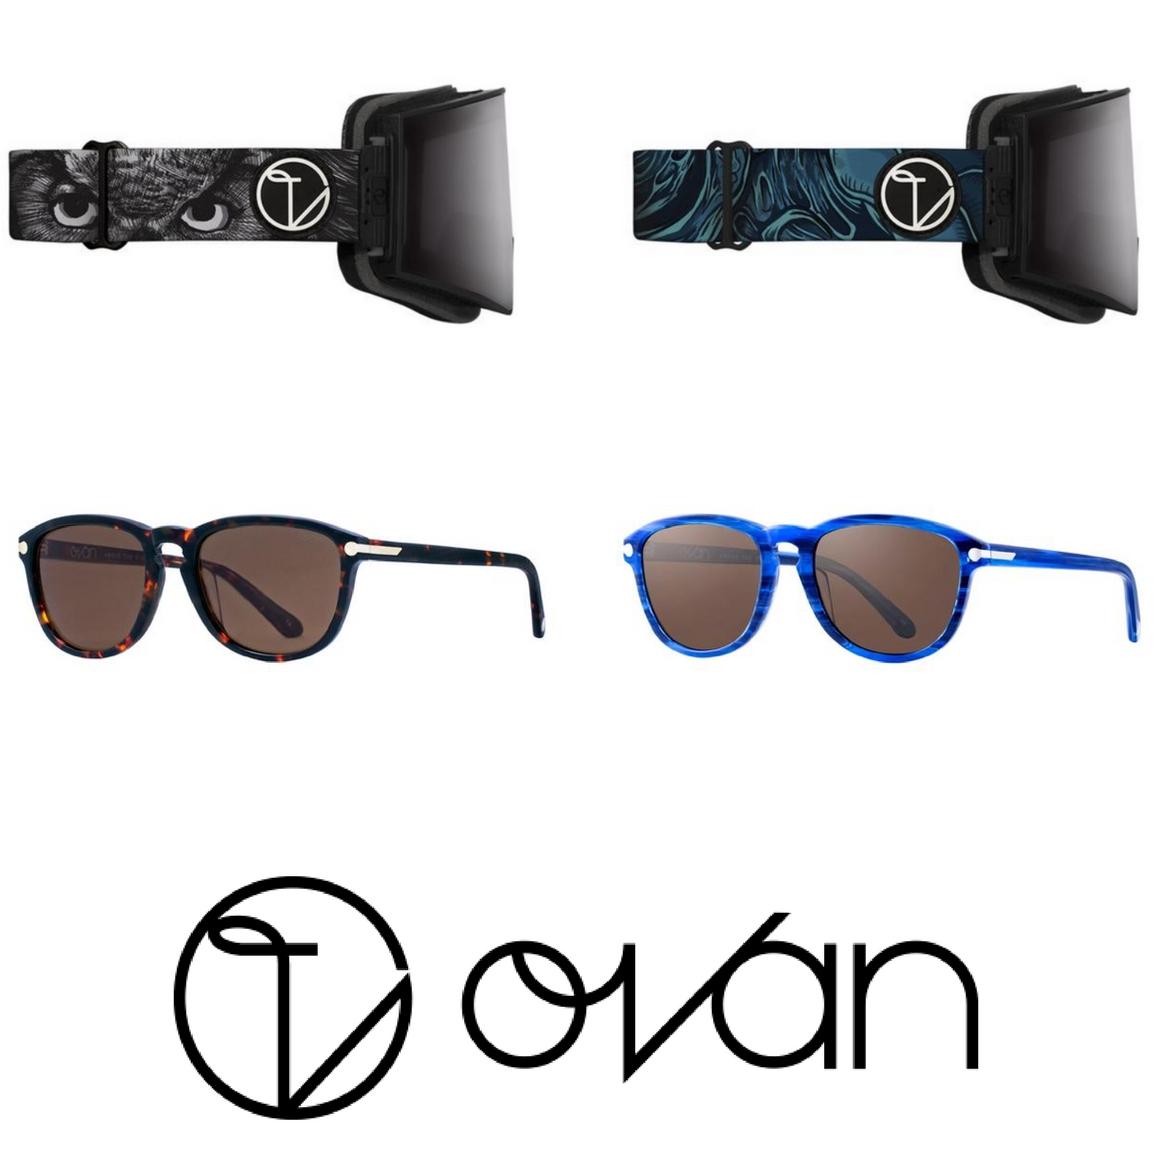 Ovan Eyewear brand image (1).jpg